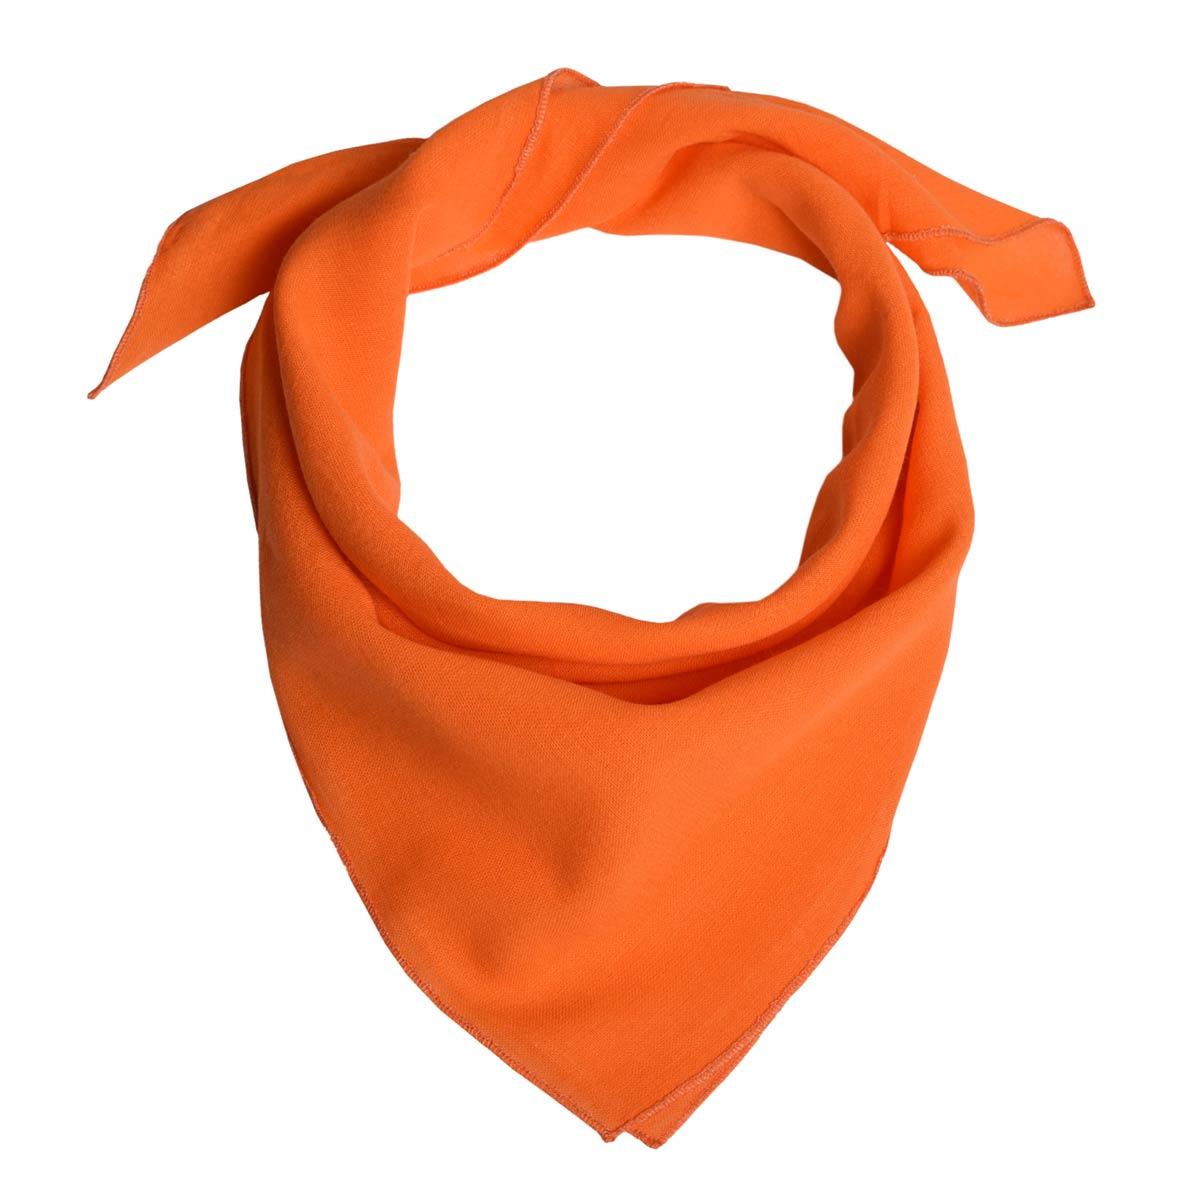 AT-04908_F12-1--_Bandana-orange